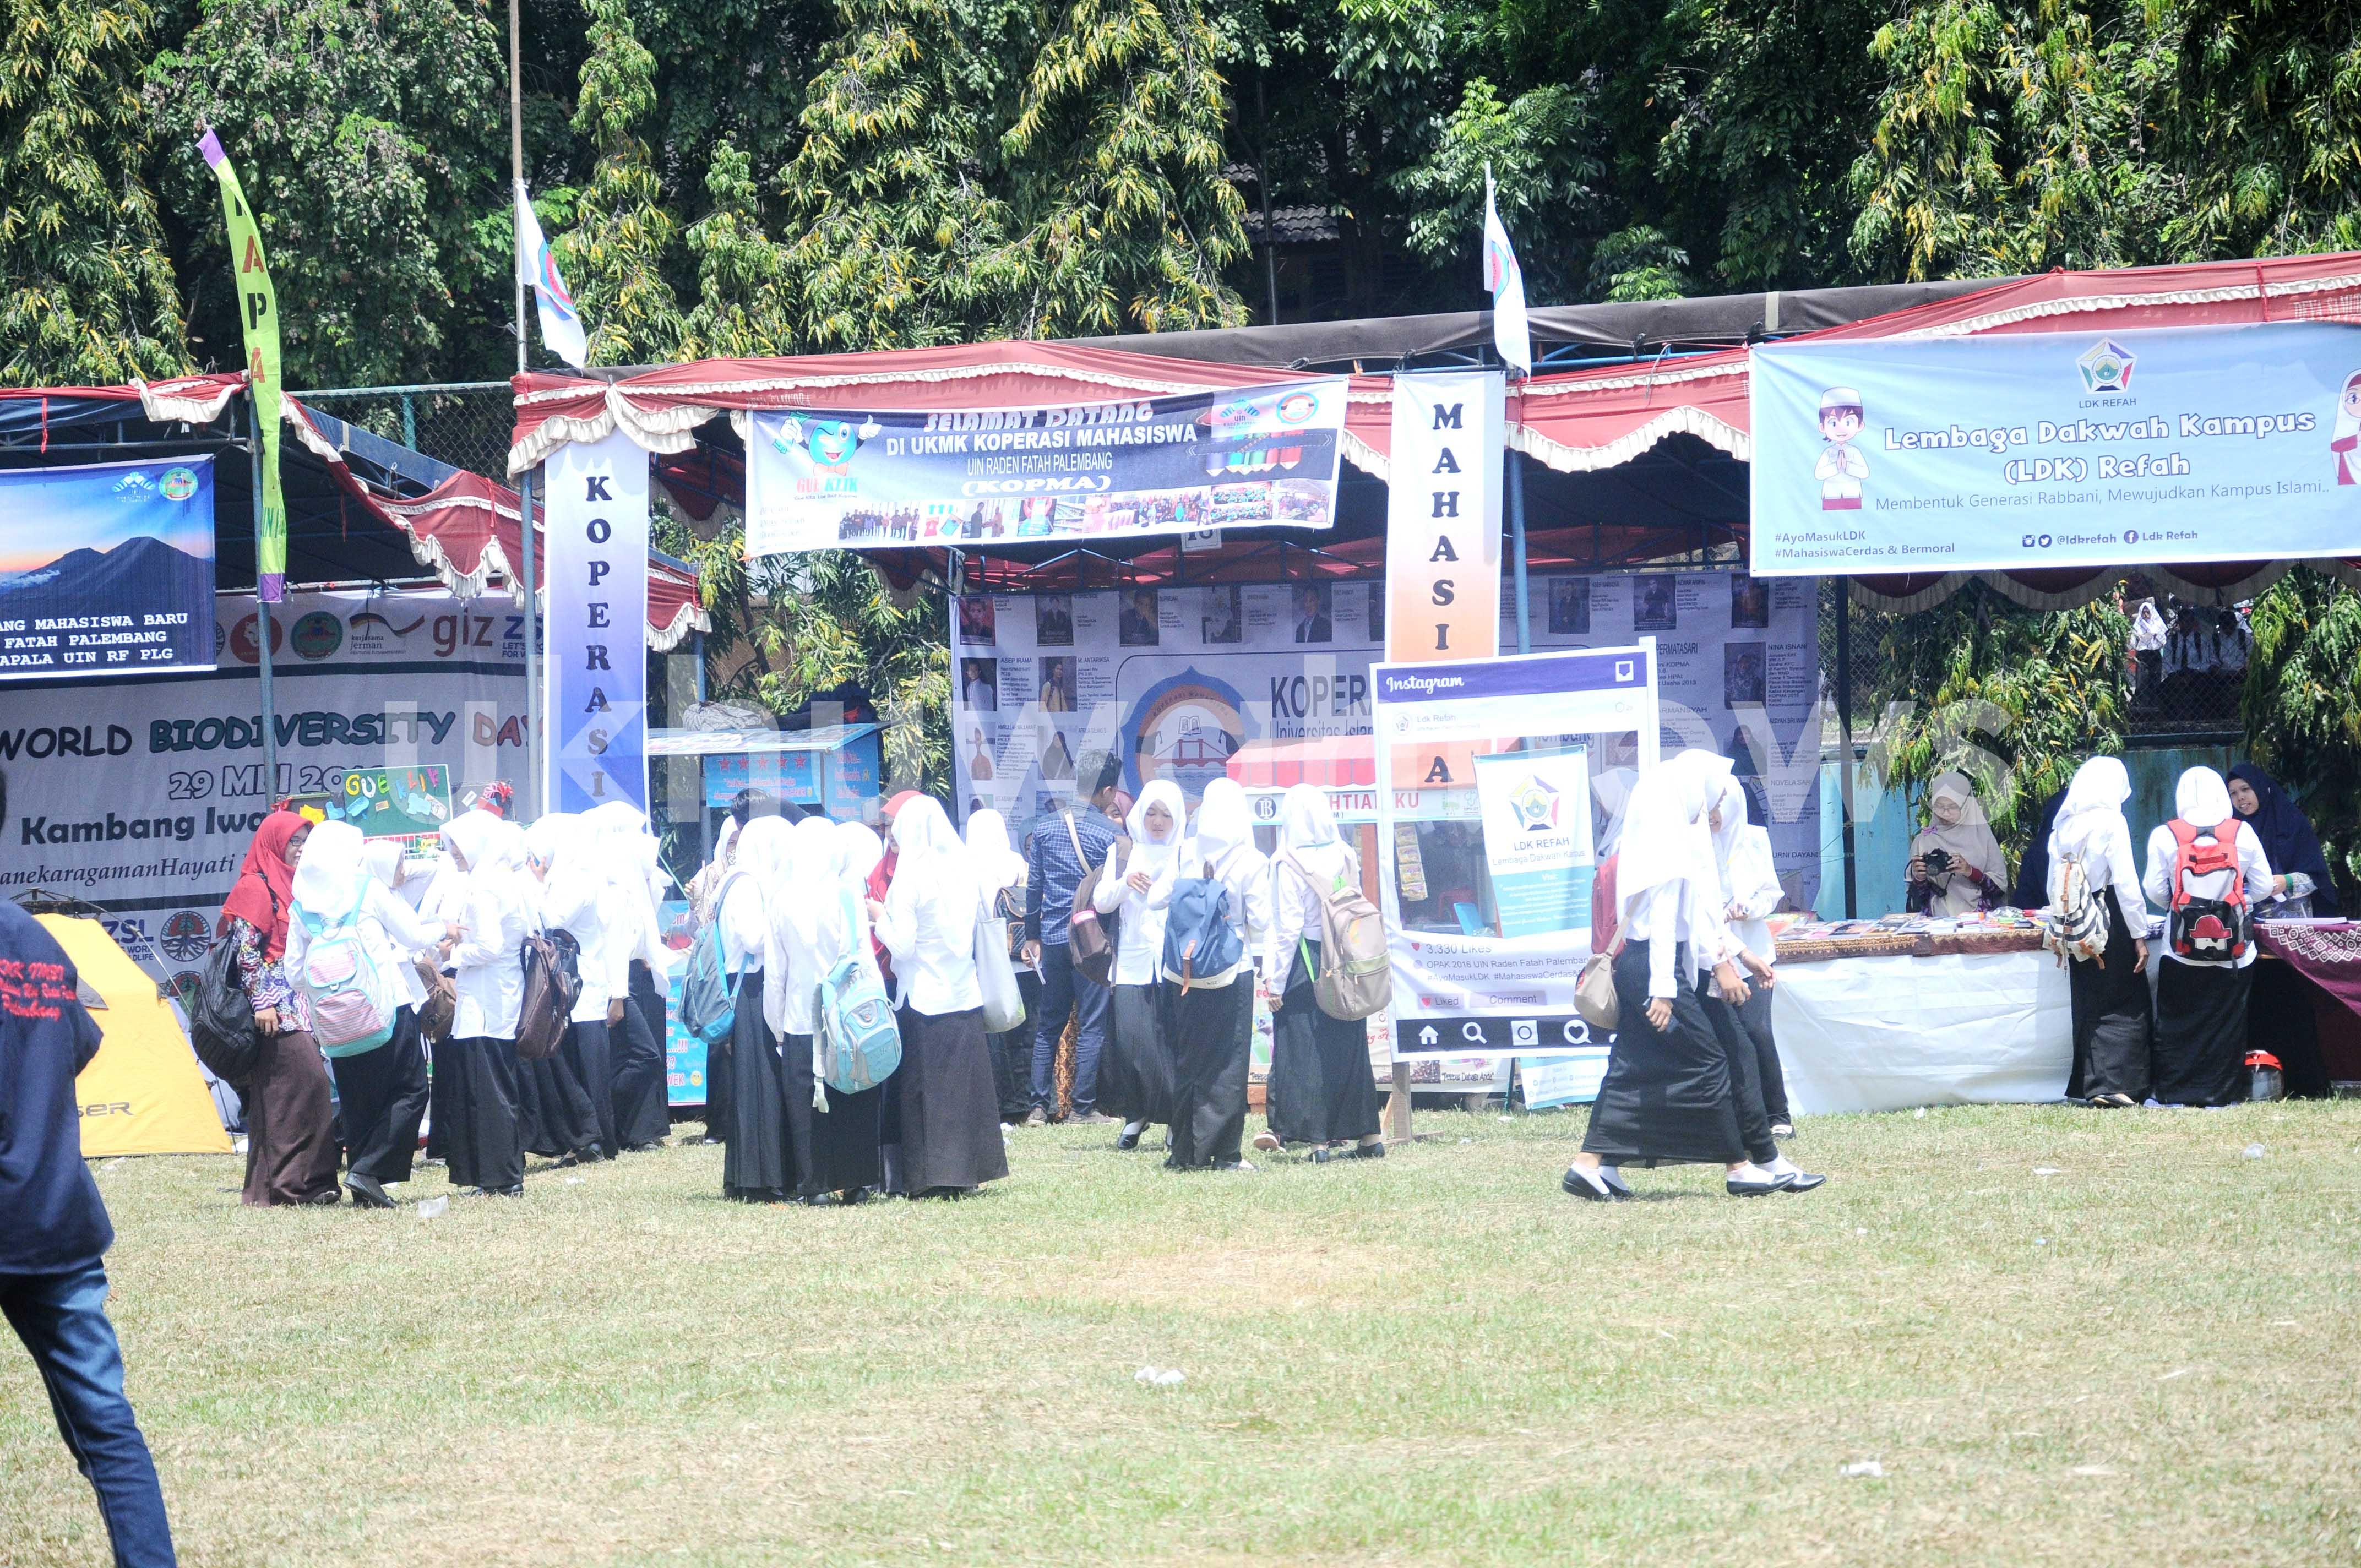 sejumlah mahasiswa baru  mendatangi stand UKMK di lapangan bola UIN RF.  Rabu (10/8).